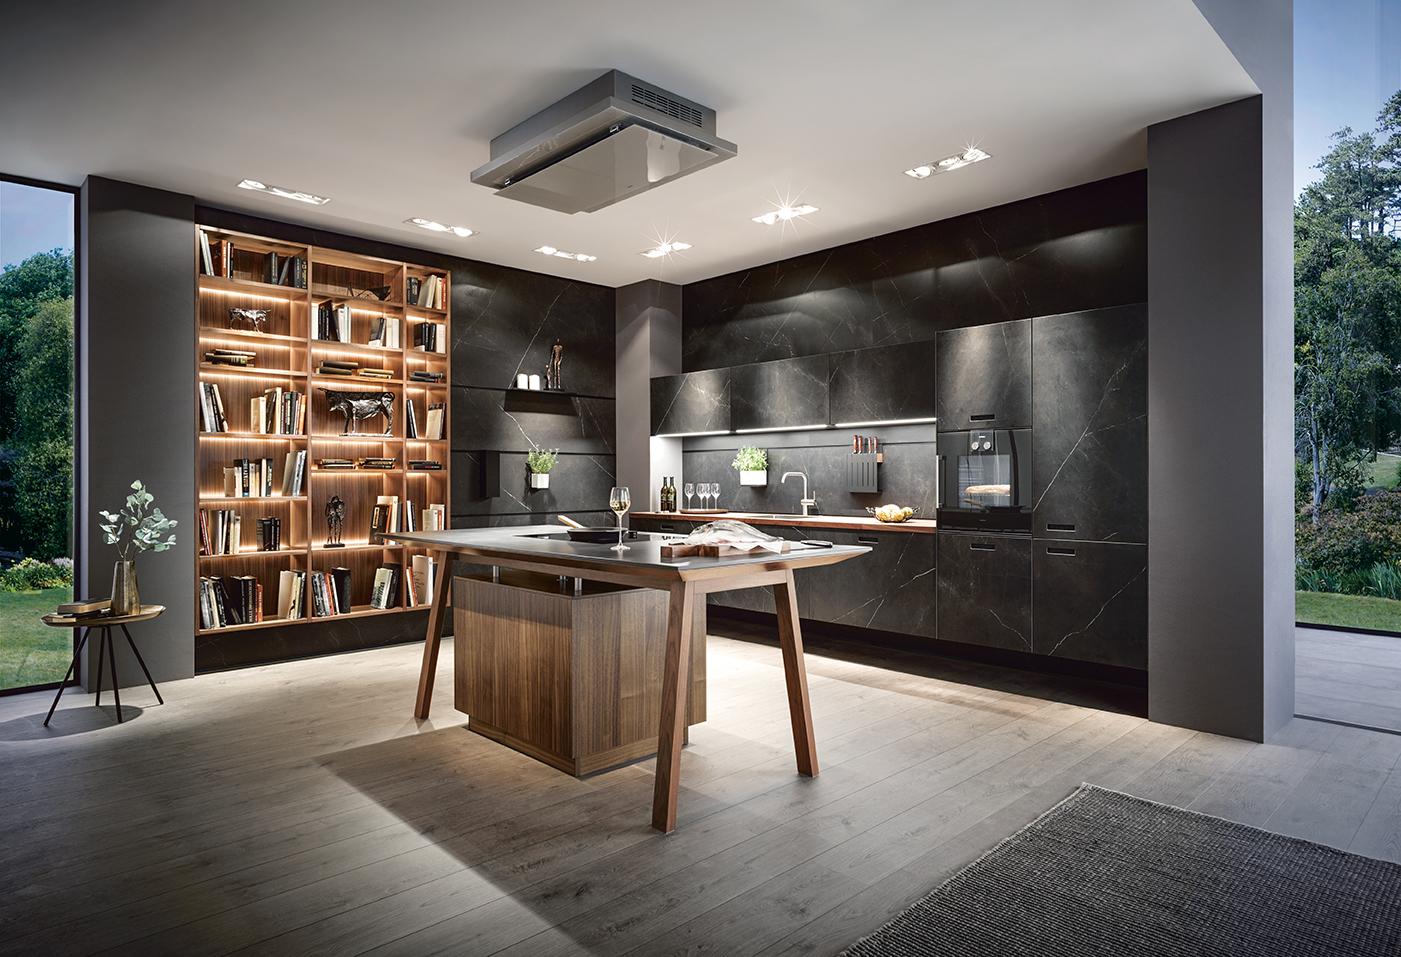 Marmer Zwart Keuken : Zwarte keuken met marmer aufour design keukens op maat